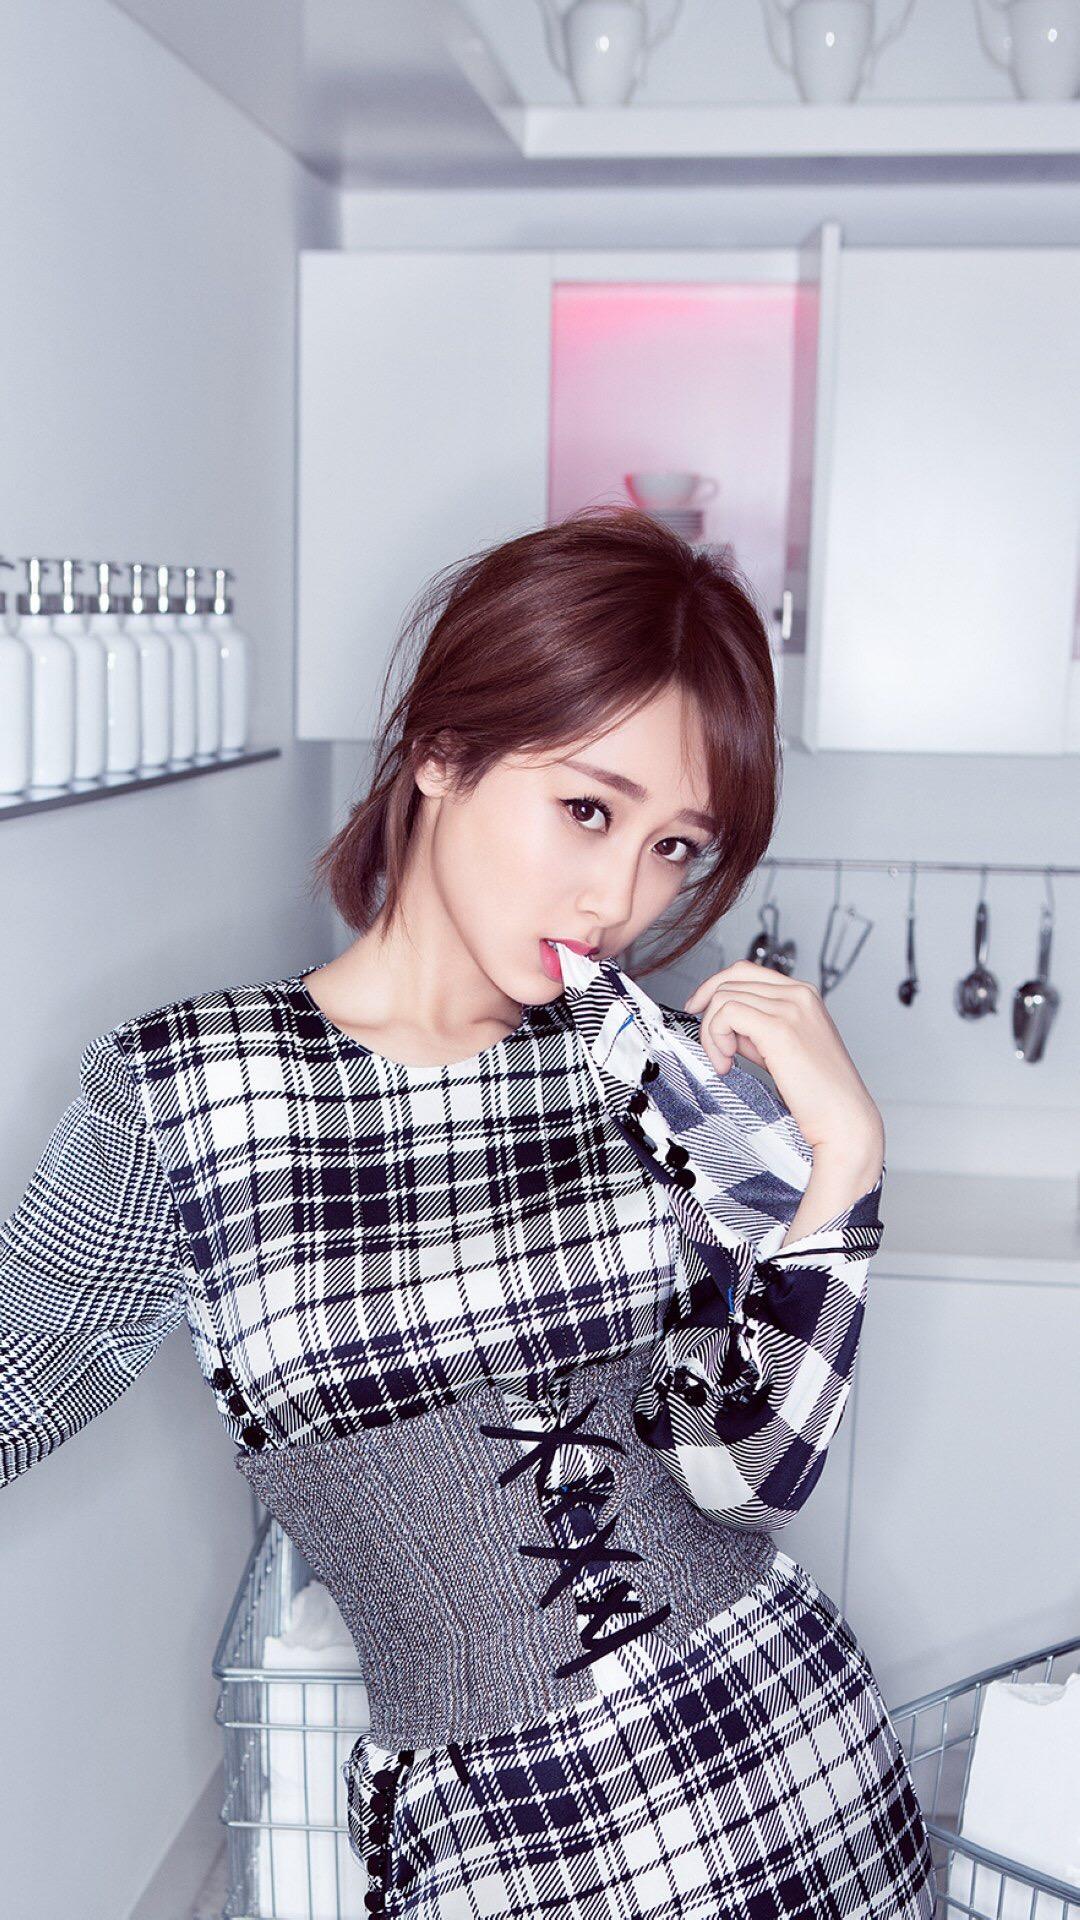 杨紫 演员 明星 艺人 童星 苹果手机高清壁纸 1080x